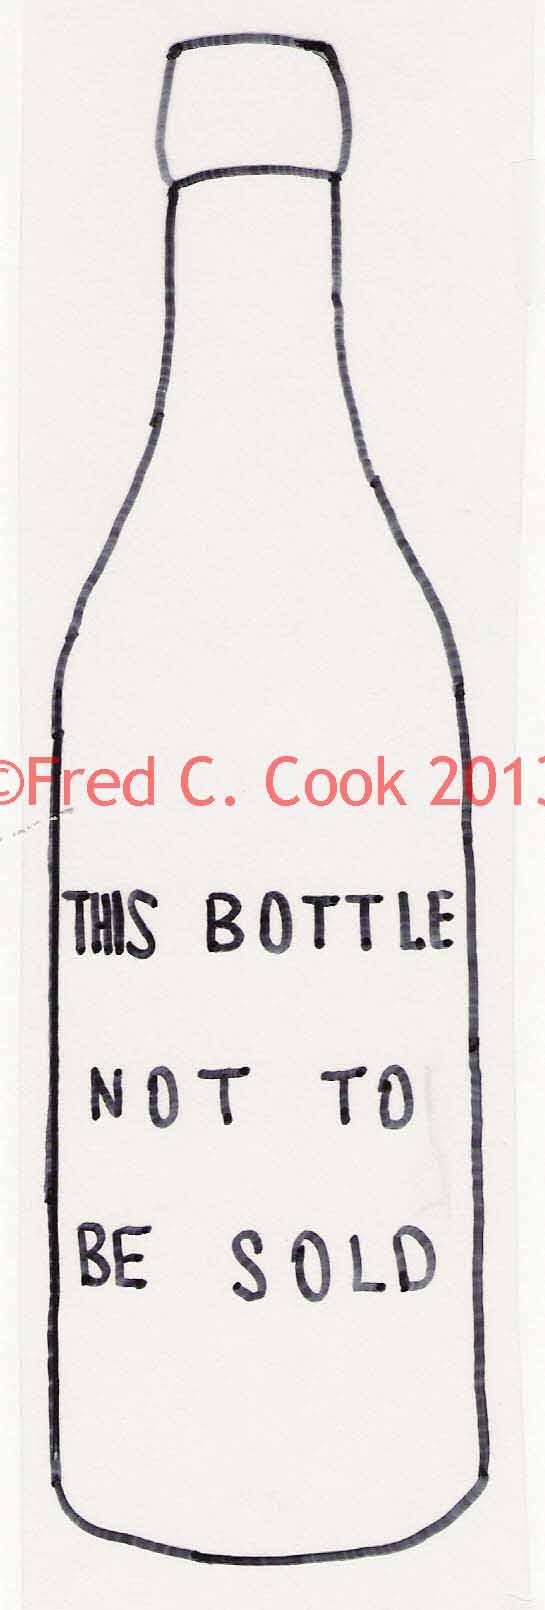 Bottles kegs by fred c cook glynngen aqua applied top beer metal cap karl hutter lightning stopper vi n k hutter n y embossed on base of bottle height 9 516 diameter 2 1116 biocorpaavc Gallery